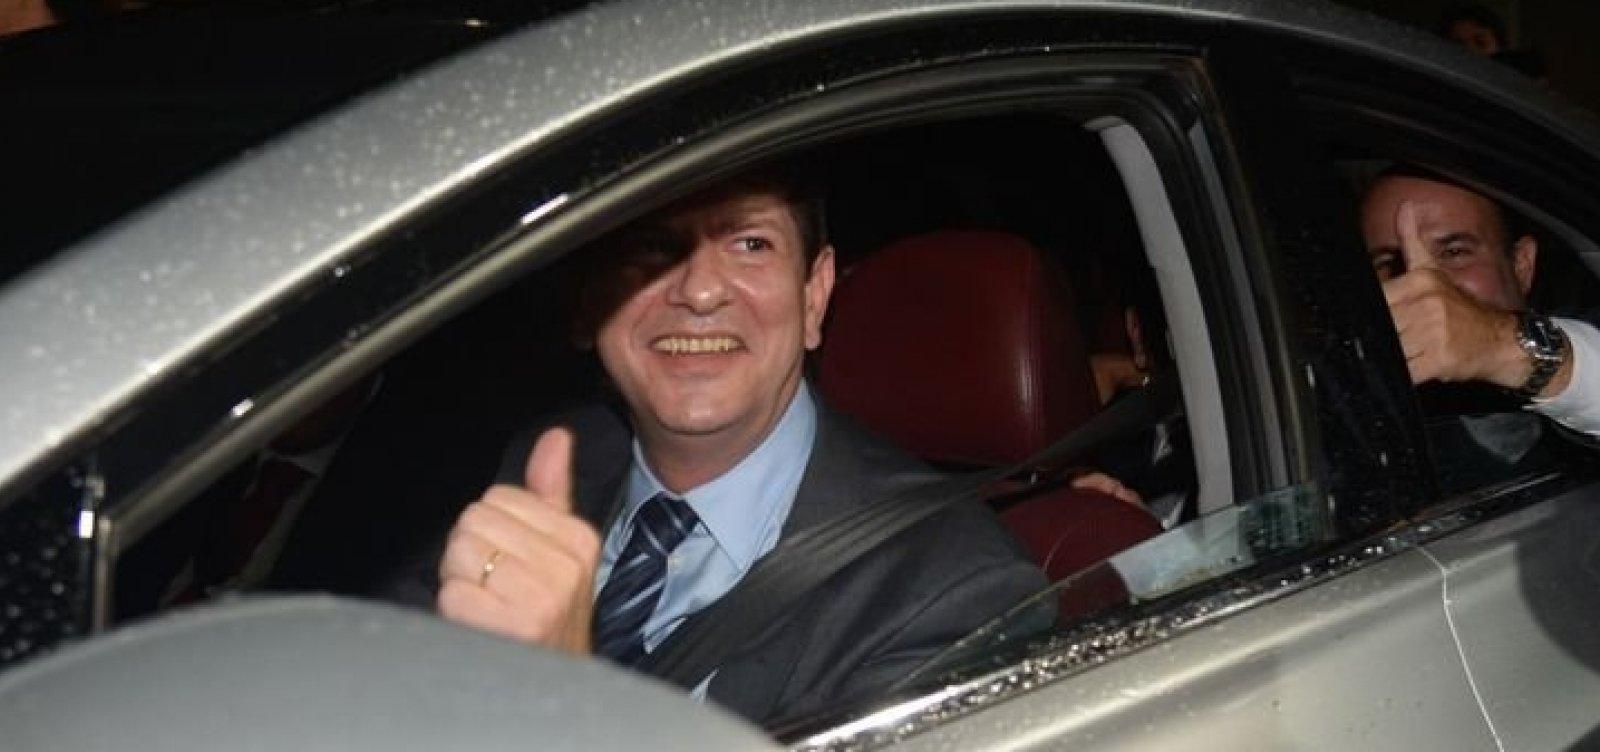 [Após fazer críticas, Cid Gomes grava vídeo de apoio a Haddad]